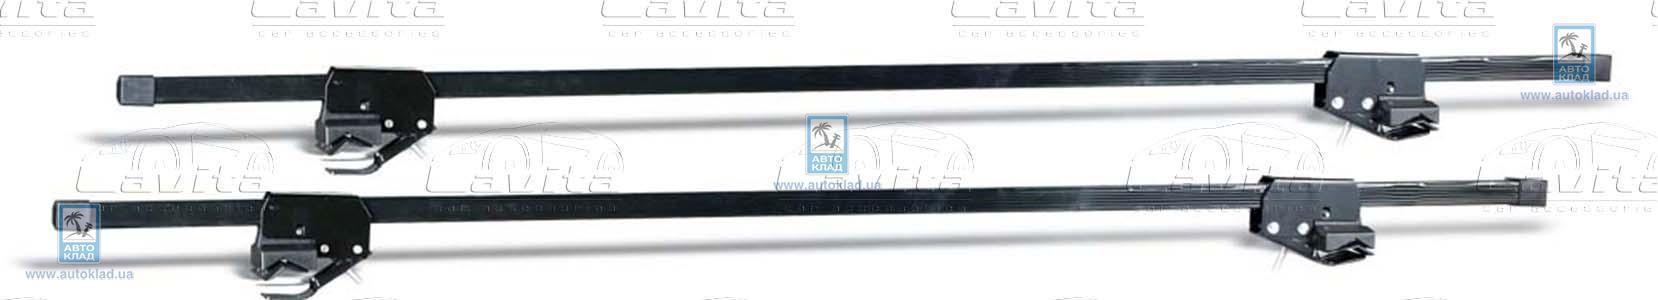 Багажник на крышу универсальный LAVITA 24012548: цена